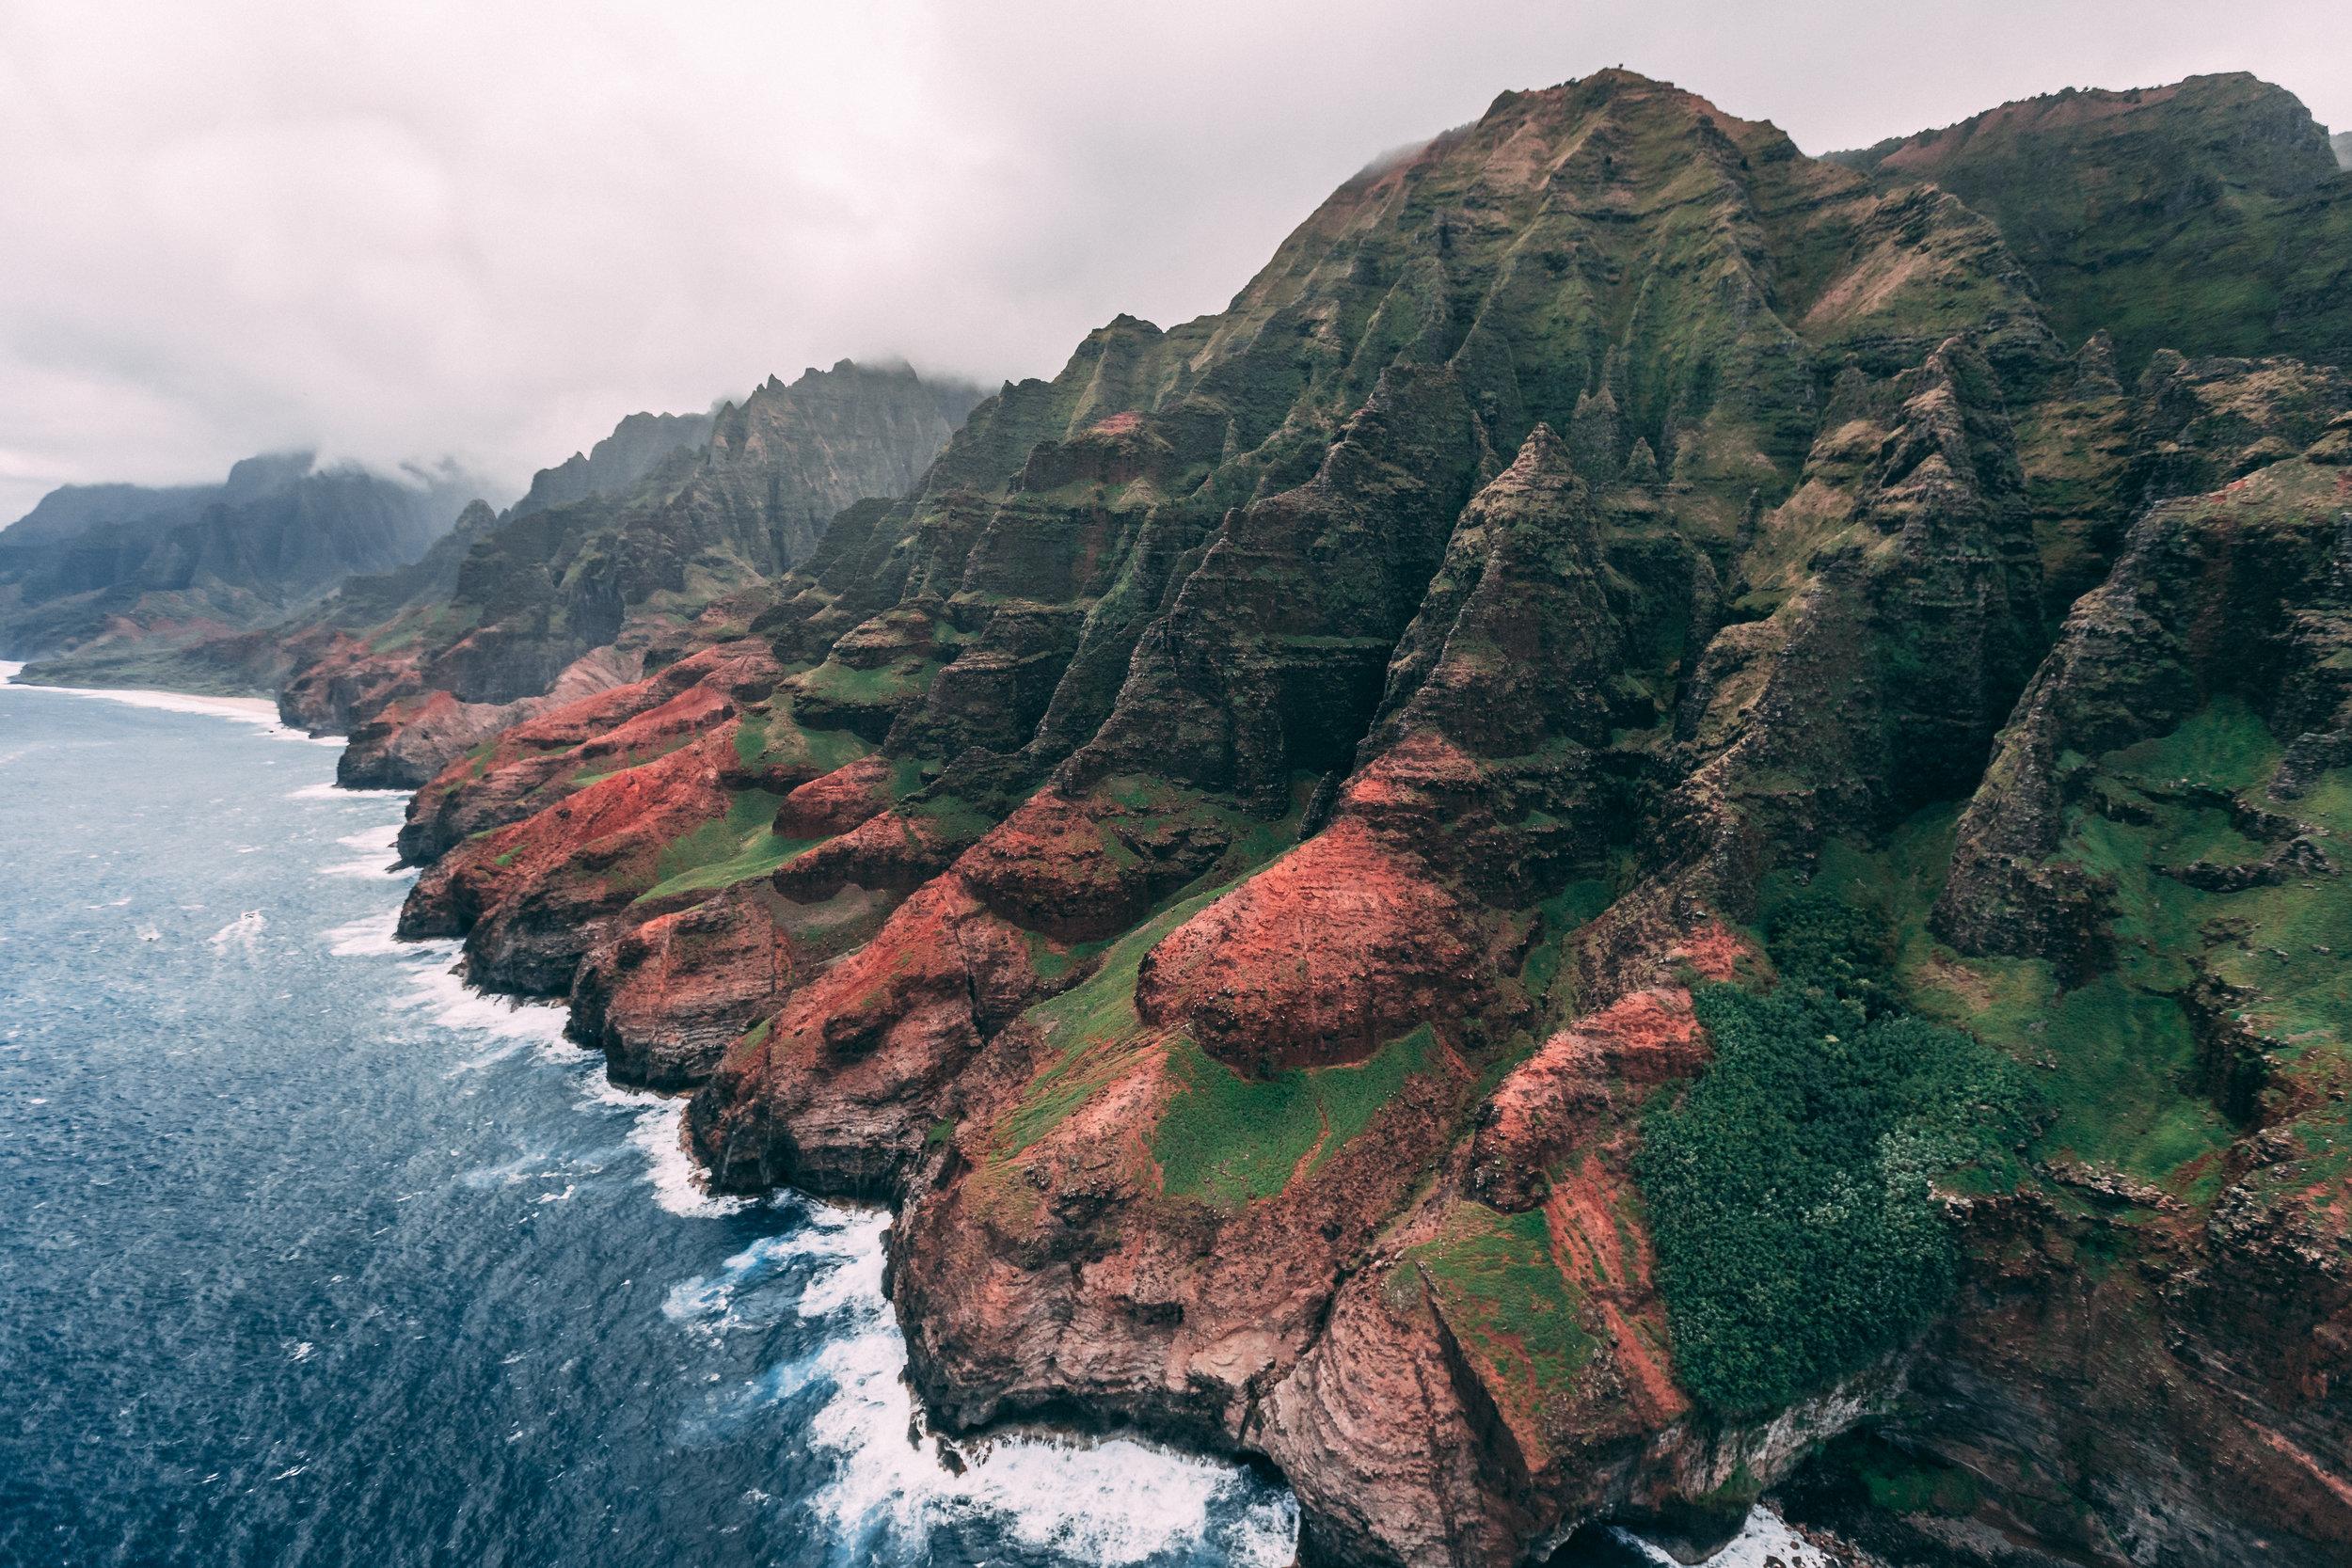 HAWAII - Video Coming Soon